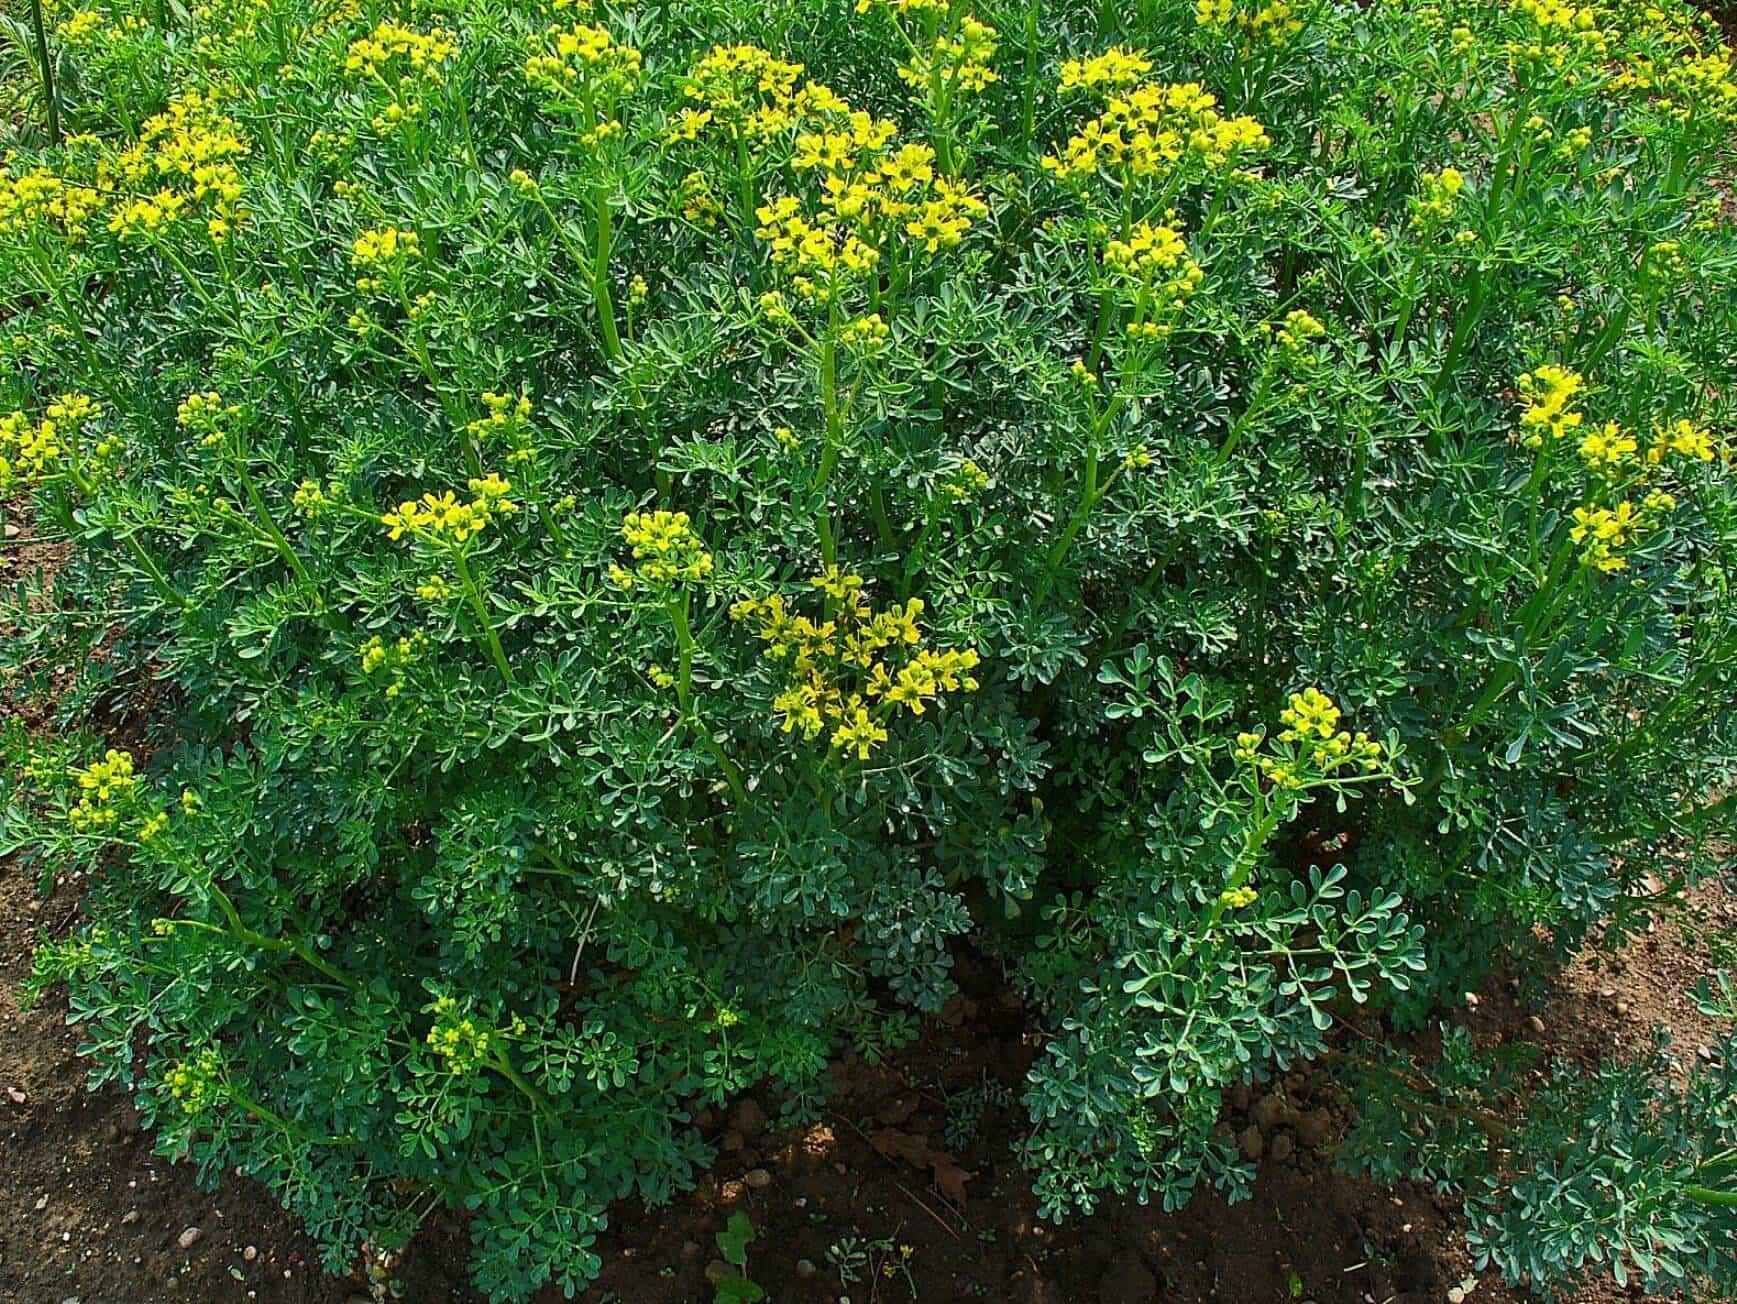 Allergie Planten Huid : Fytofotodermatitis huidarts.com